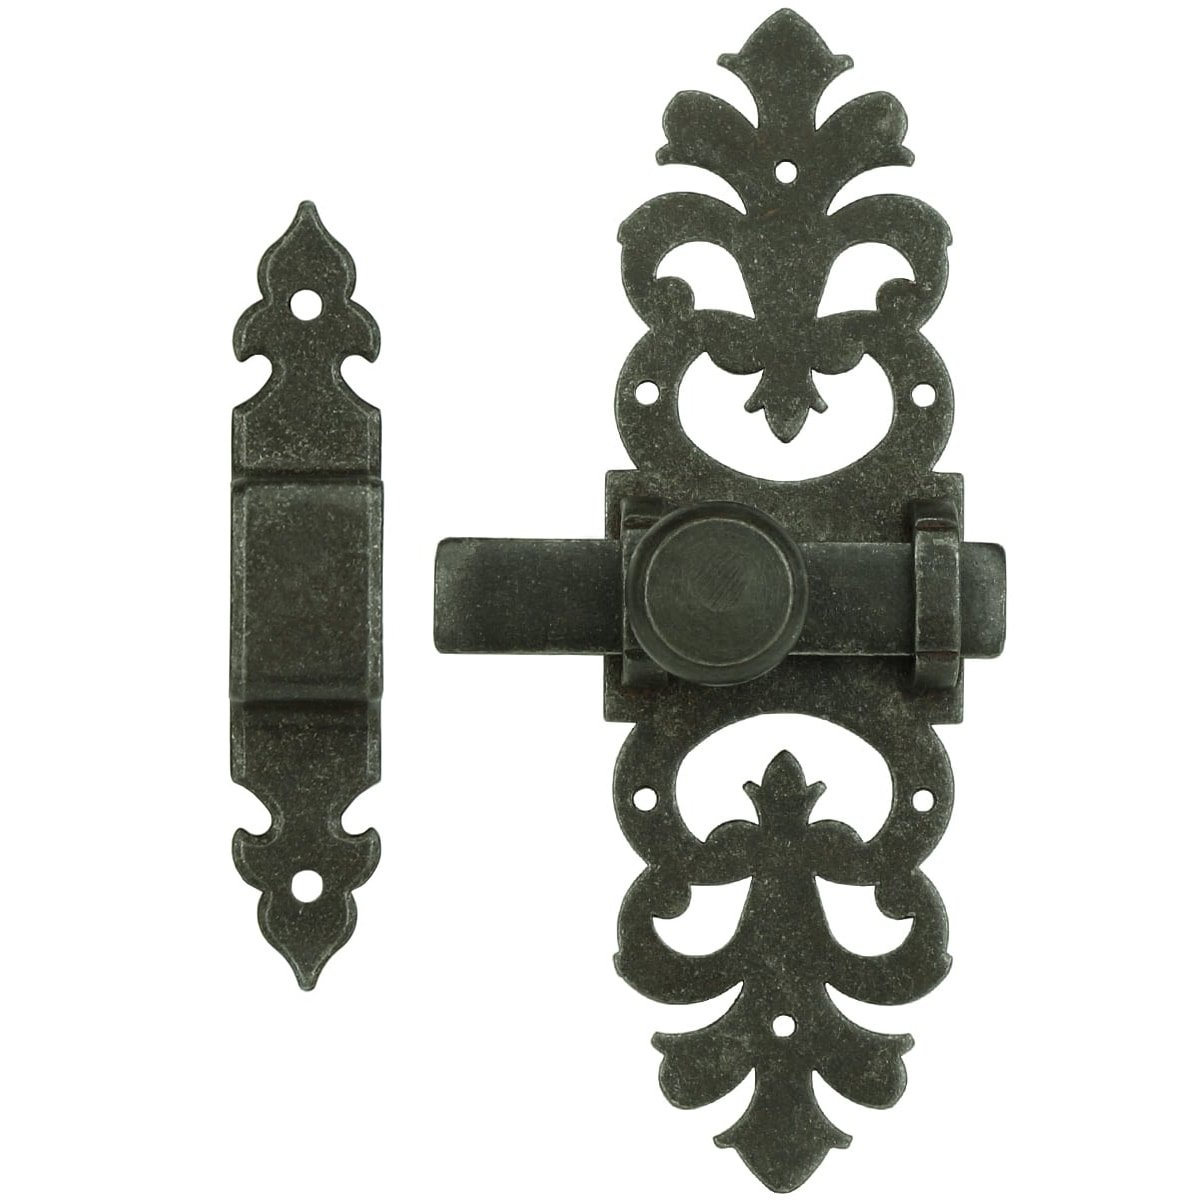 Türbeschläge Türschlösser Türschieber mit schließplatte rustikal - 165 mm